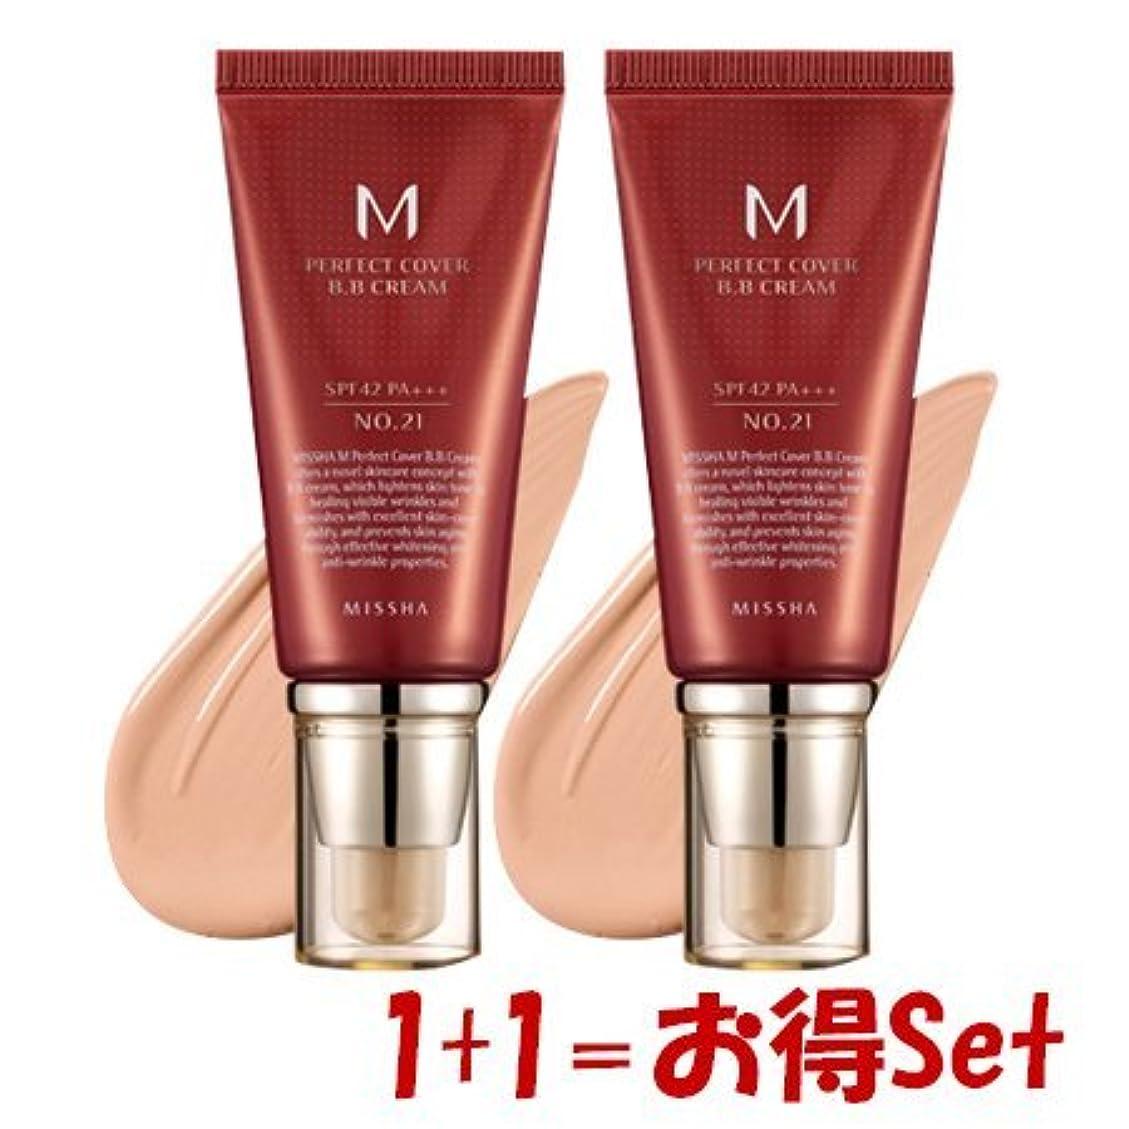 頬炎上発生MISSHA(ミシャ) M Perfect Cover パーフェクトカバーBBクリーム 21号+ 21号(1+1=お得Set)